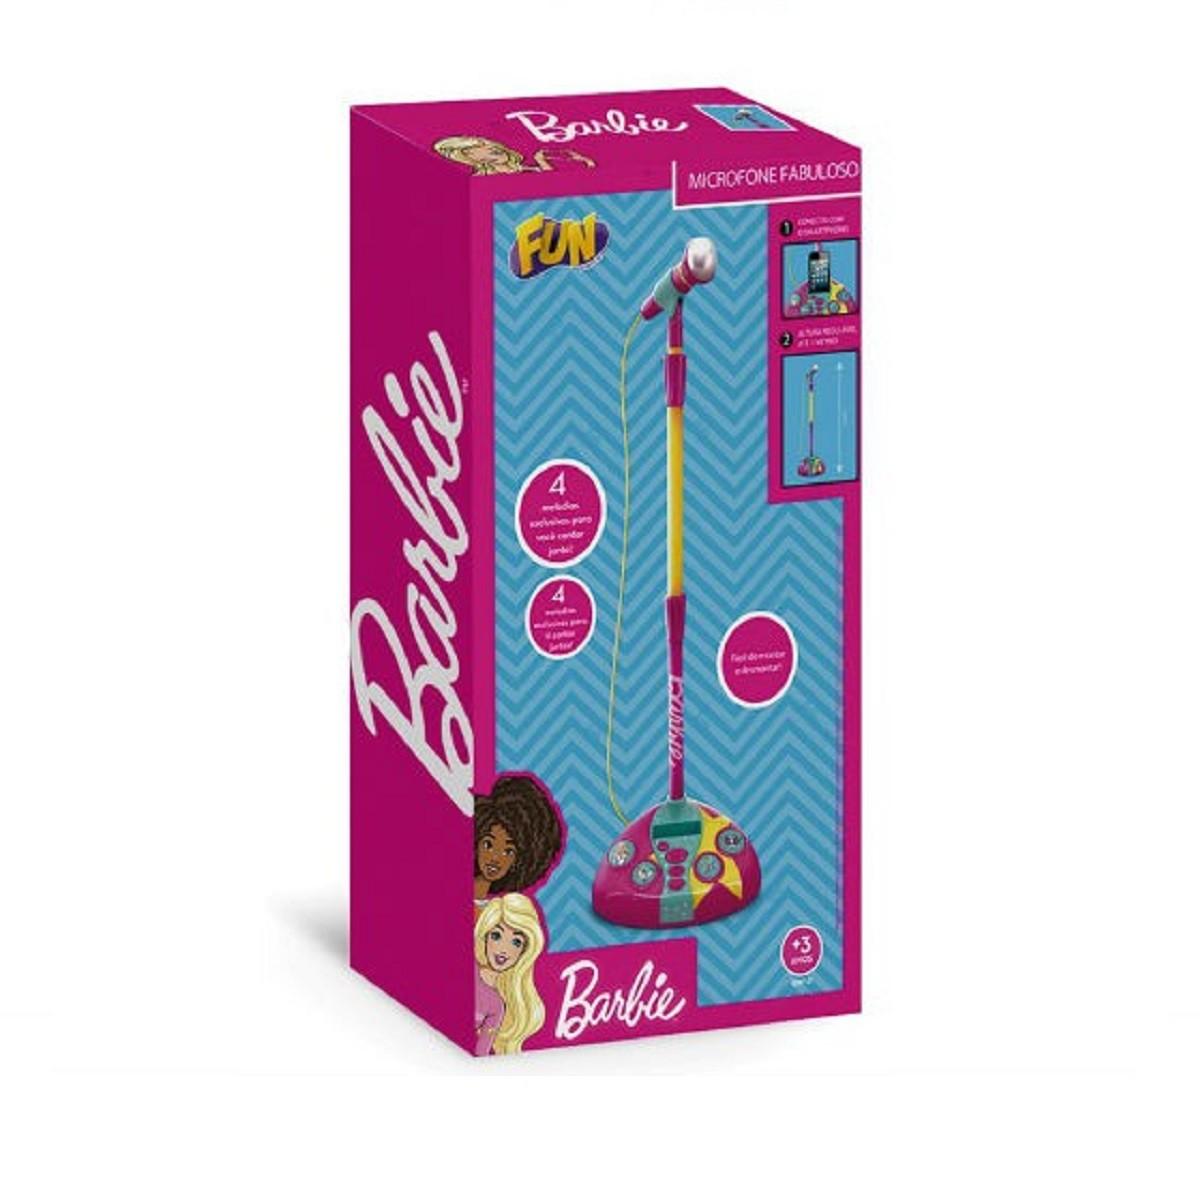 Brinquedo Infantil MICROFONE KARAOKÊ FABULOSO BARBIE